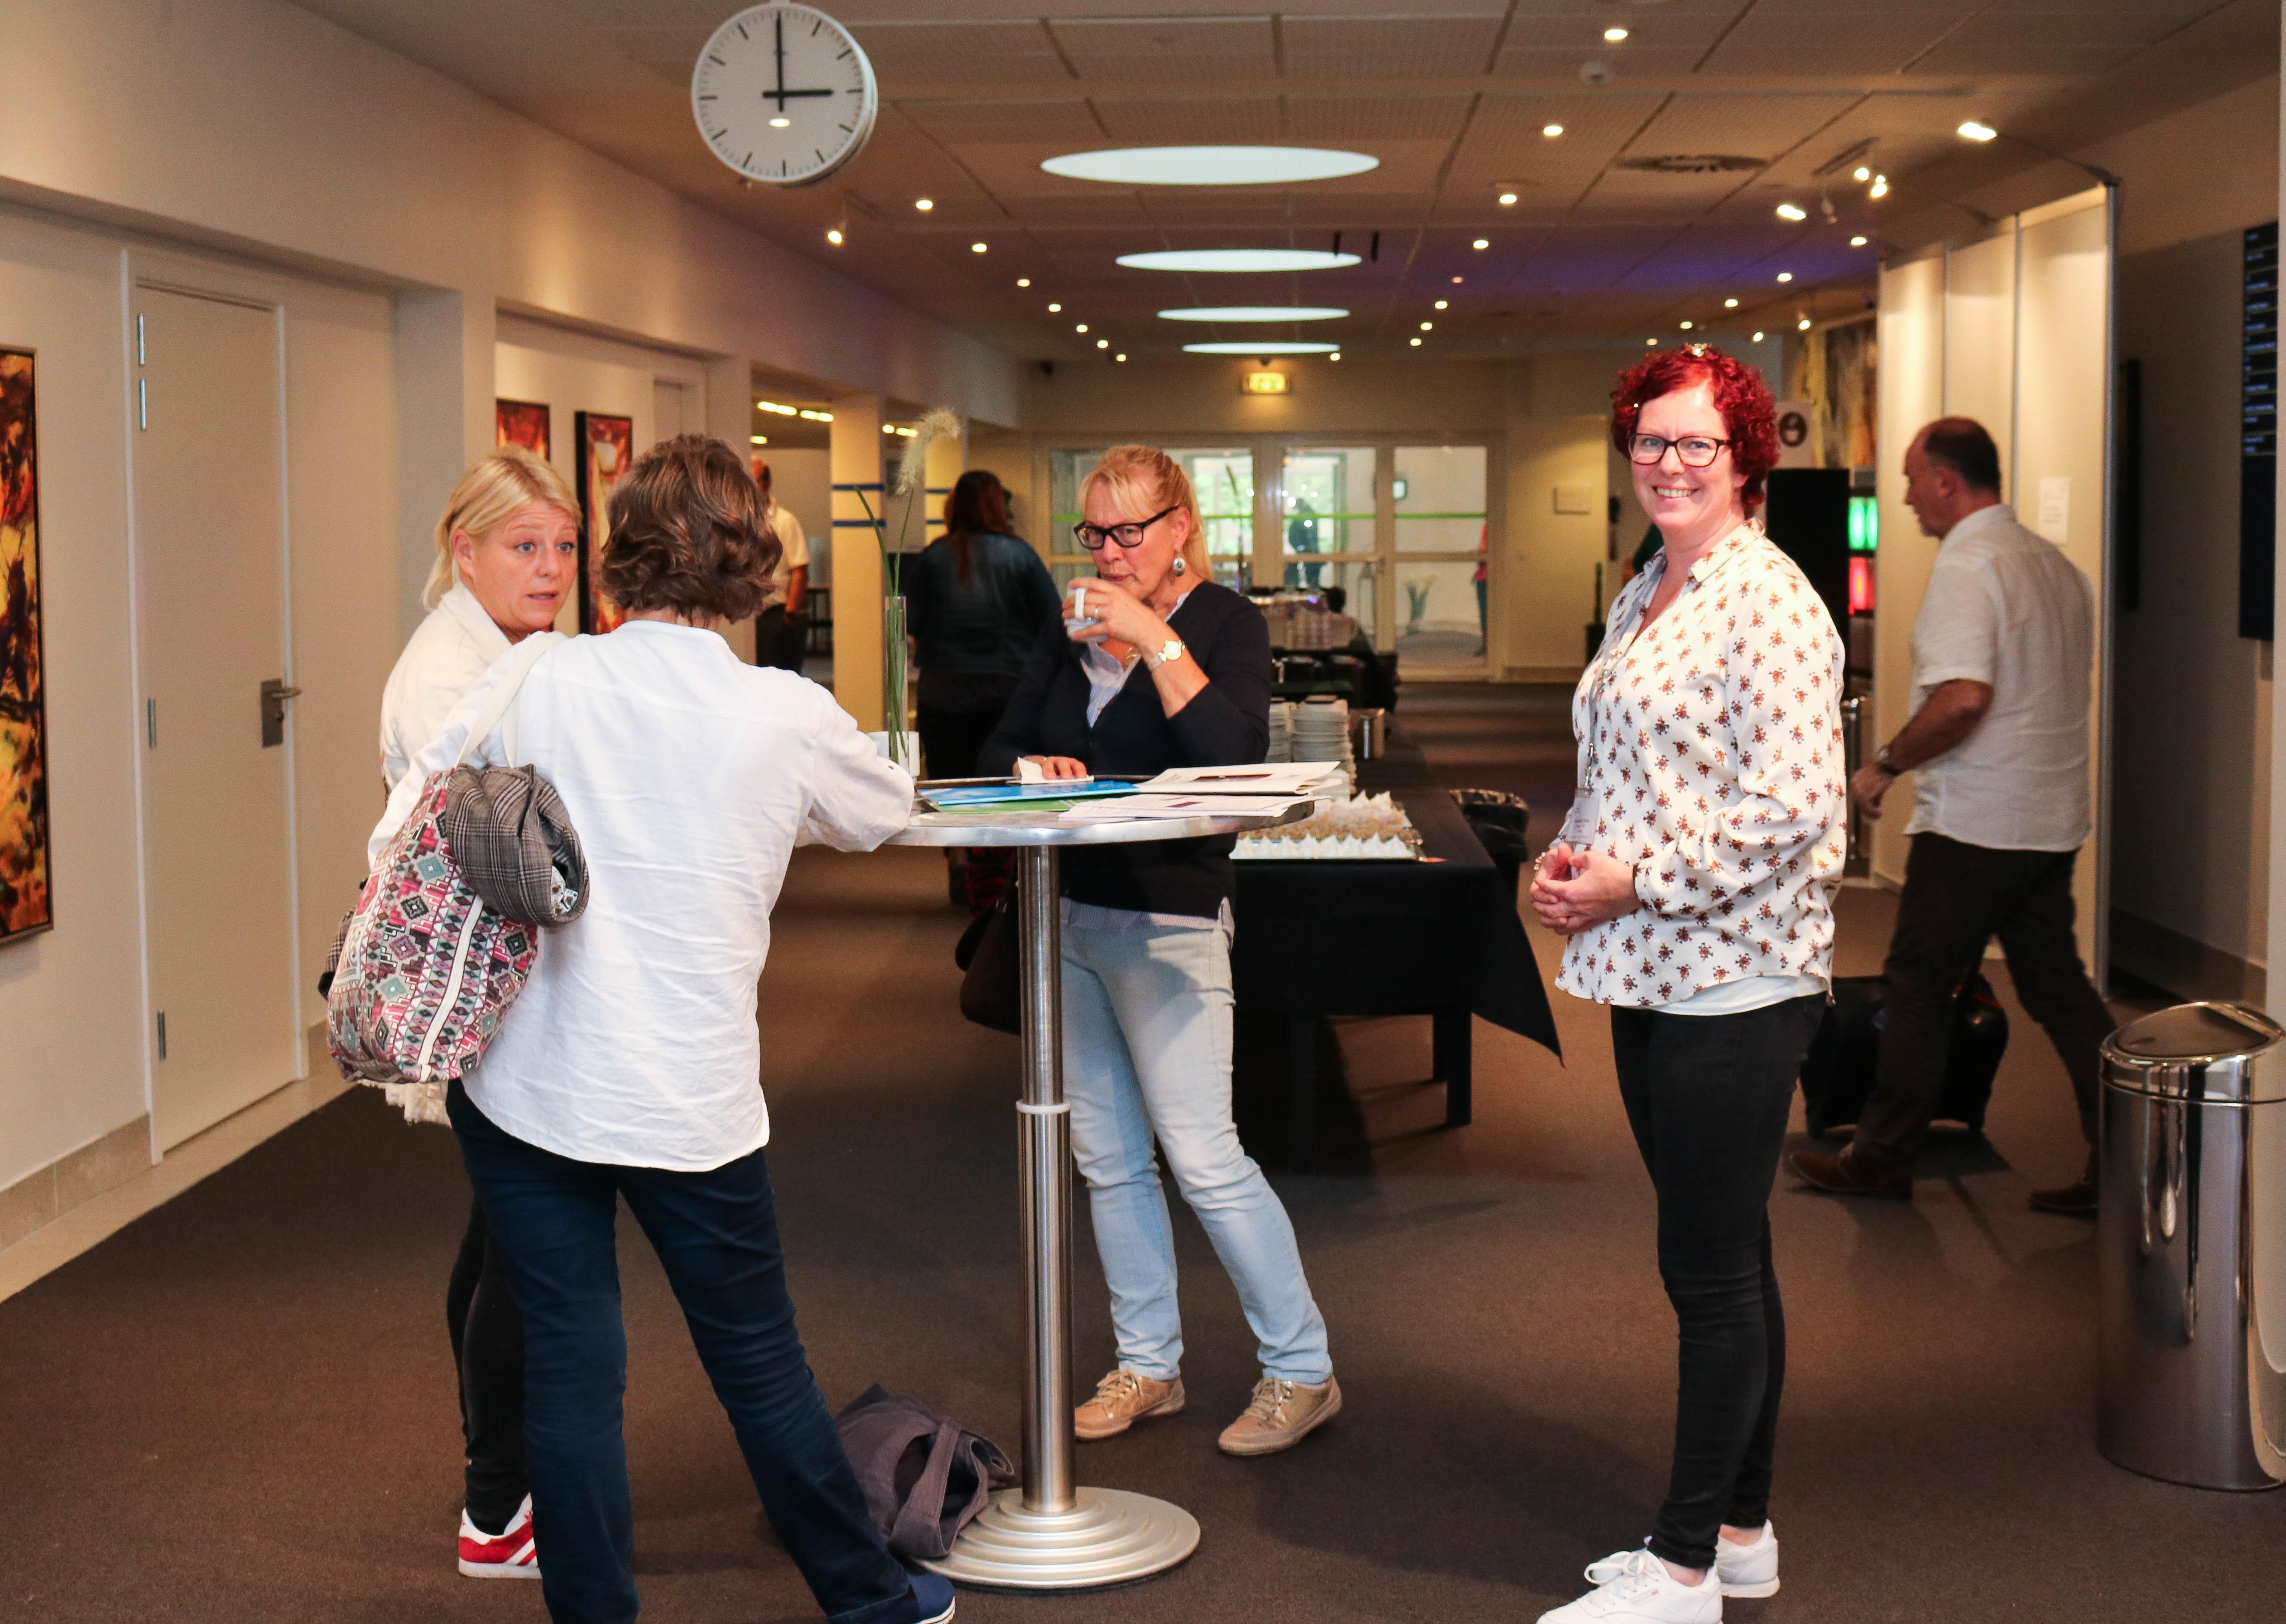 Fire kvinnelige konferansedeltakere ved et rundt bord, i en av pausene mellom rekken med workshops.